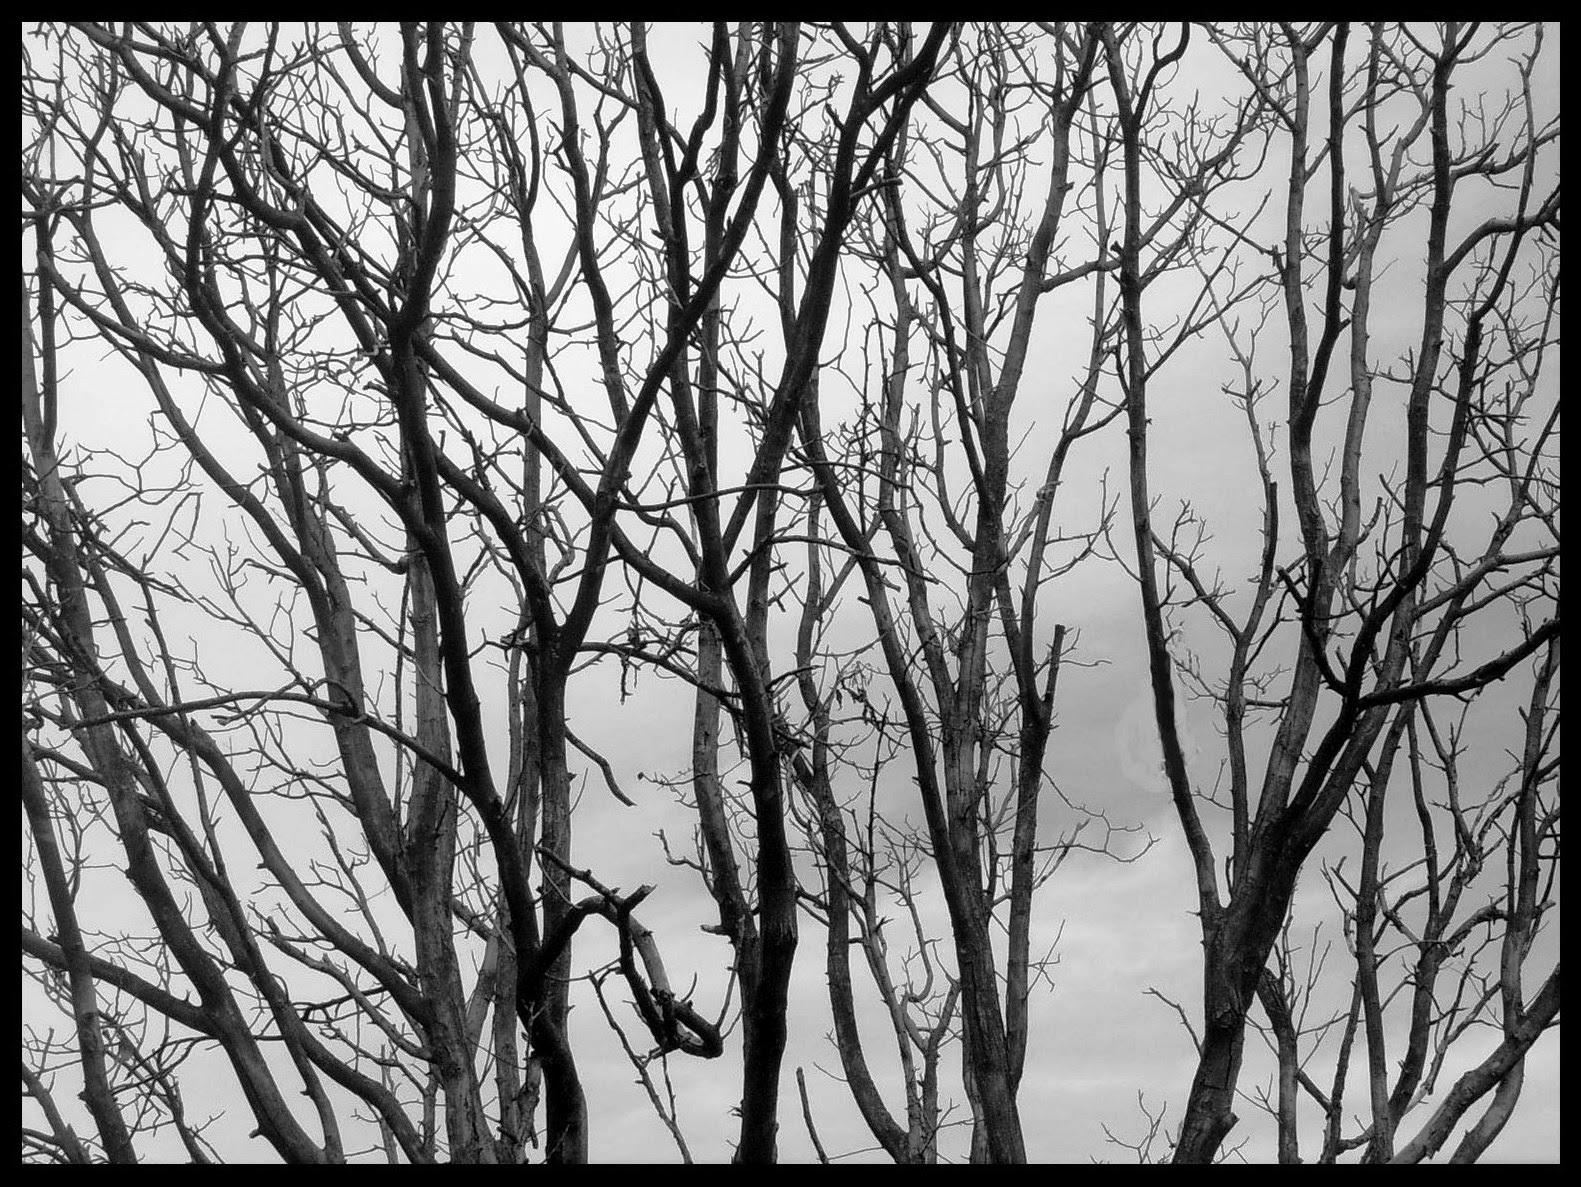 Cadalso vive las ramas de un rbol - Ramas de arboles ...